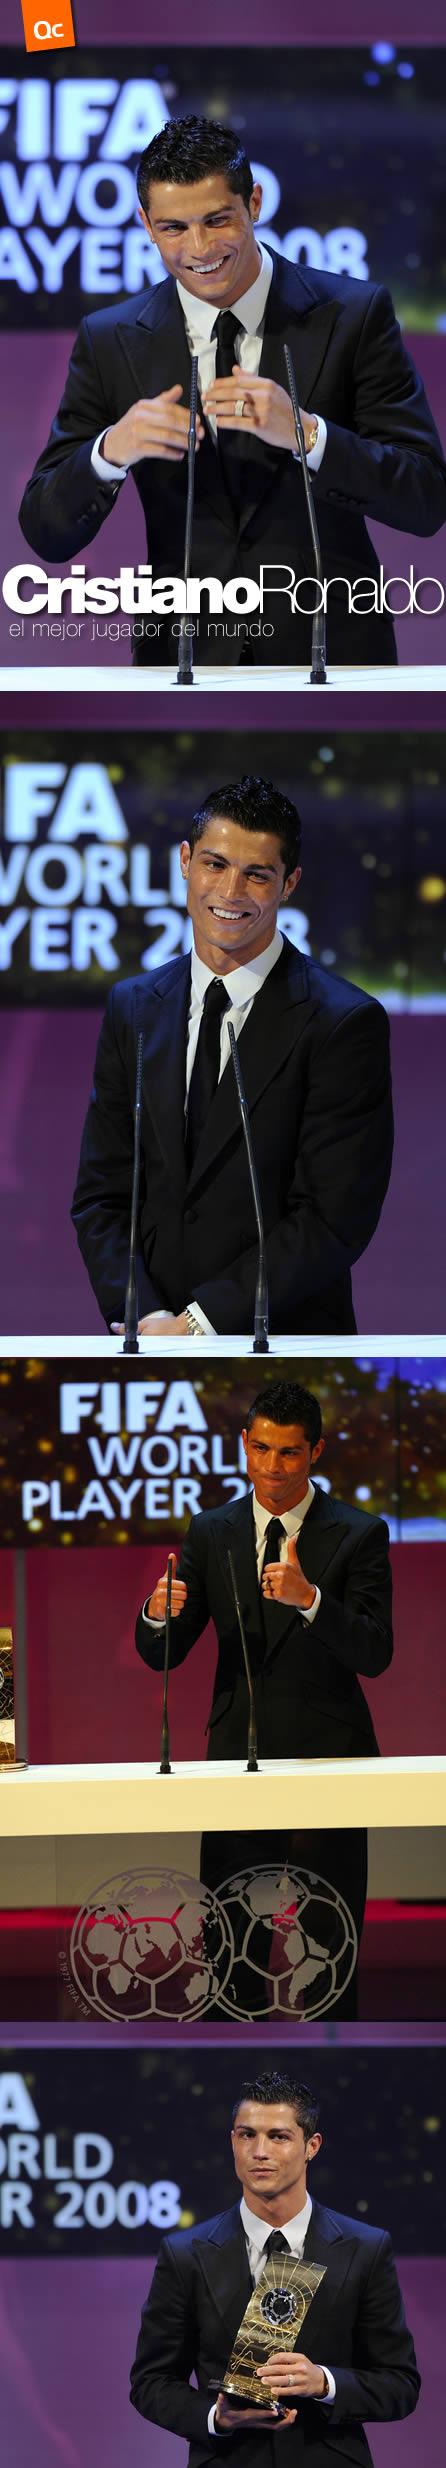 Cristiano Ronaldo, el Mejor Jugador de la FIFA